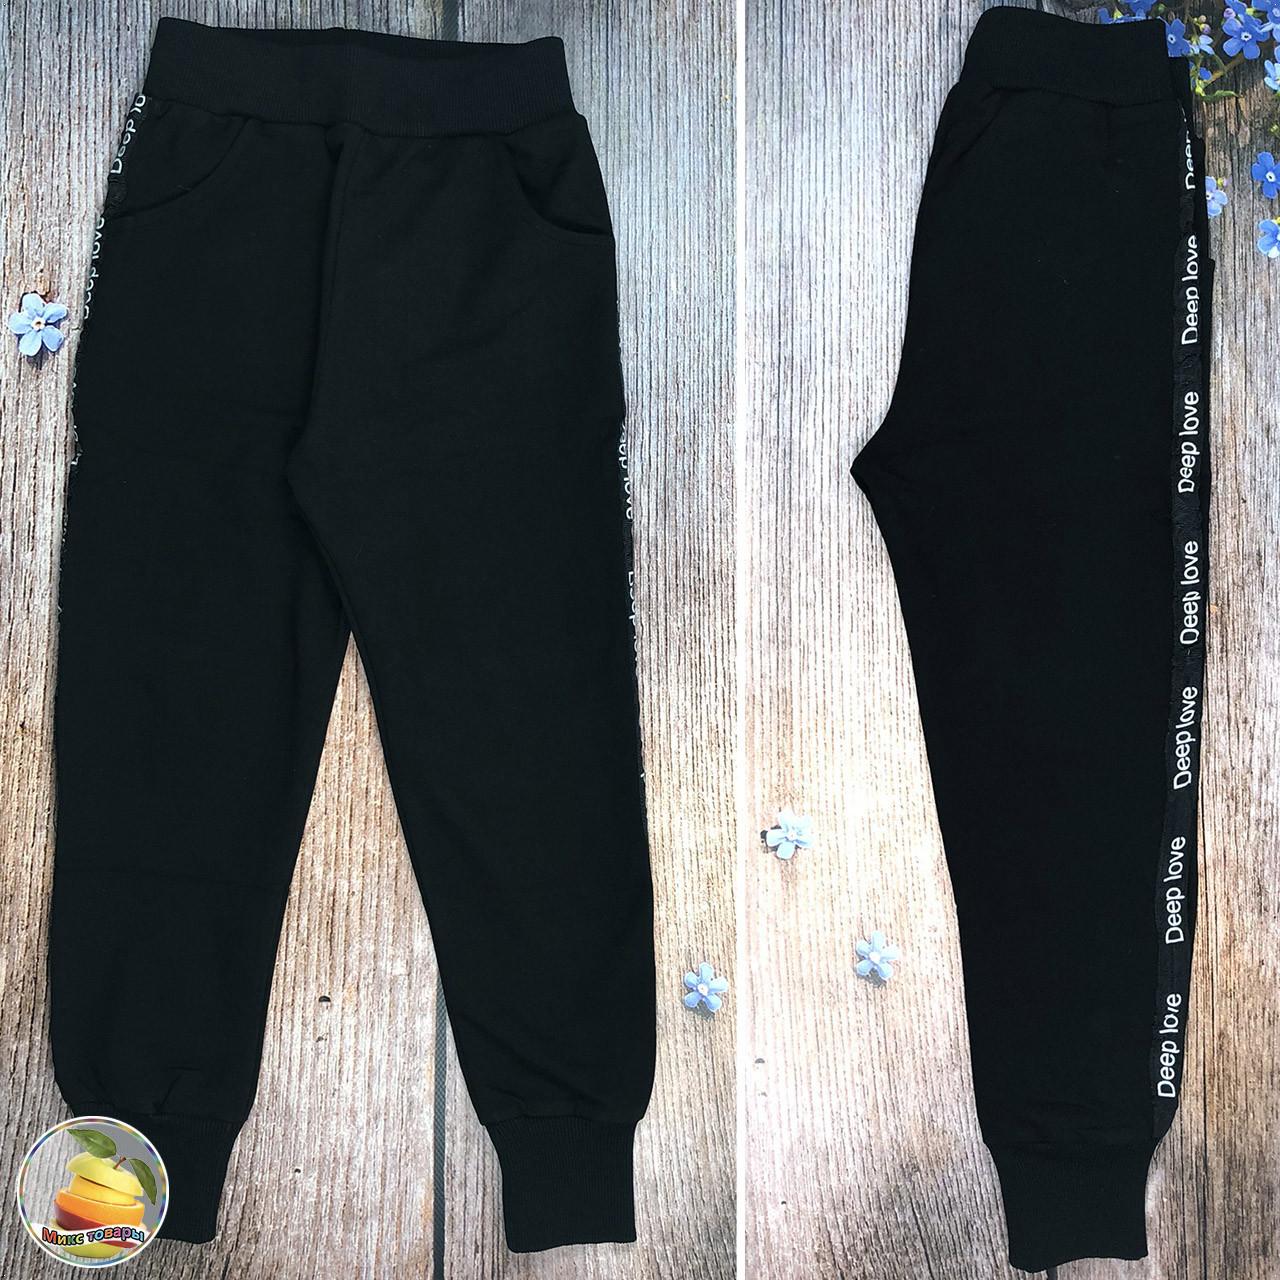 Чёрные штаны с манжетом для девочки (Dominik) Размеры: 116,128,140,152,164 см (8858)